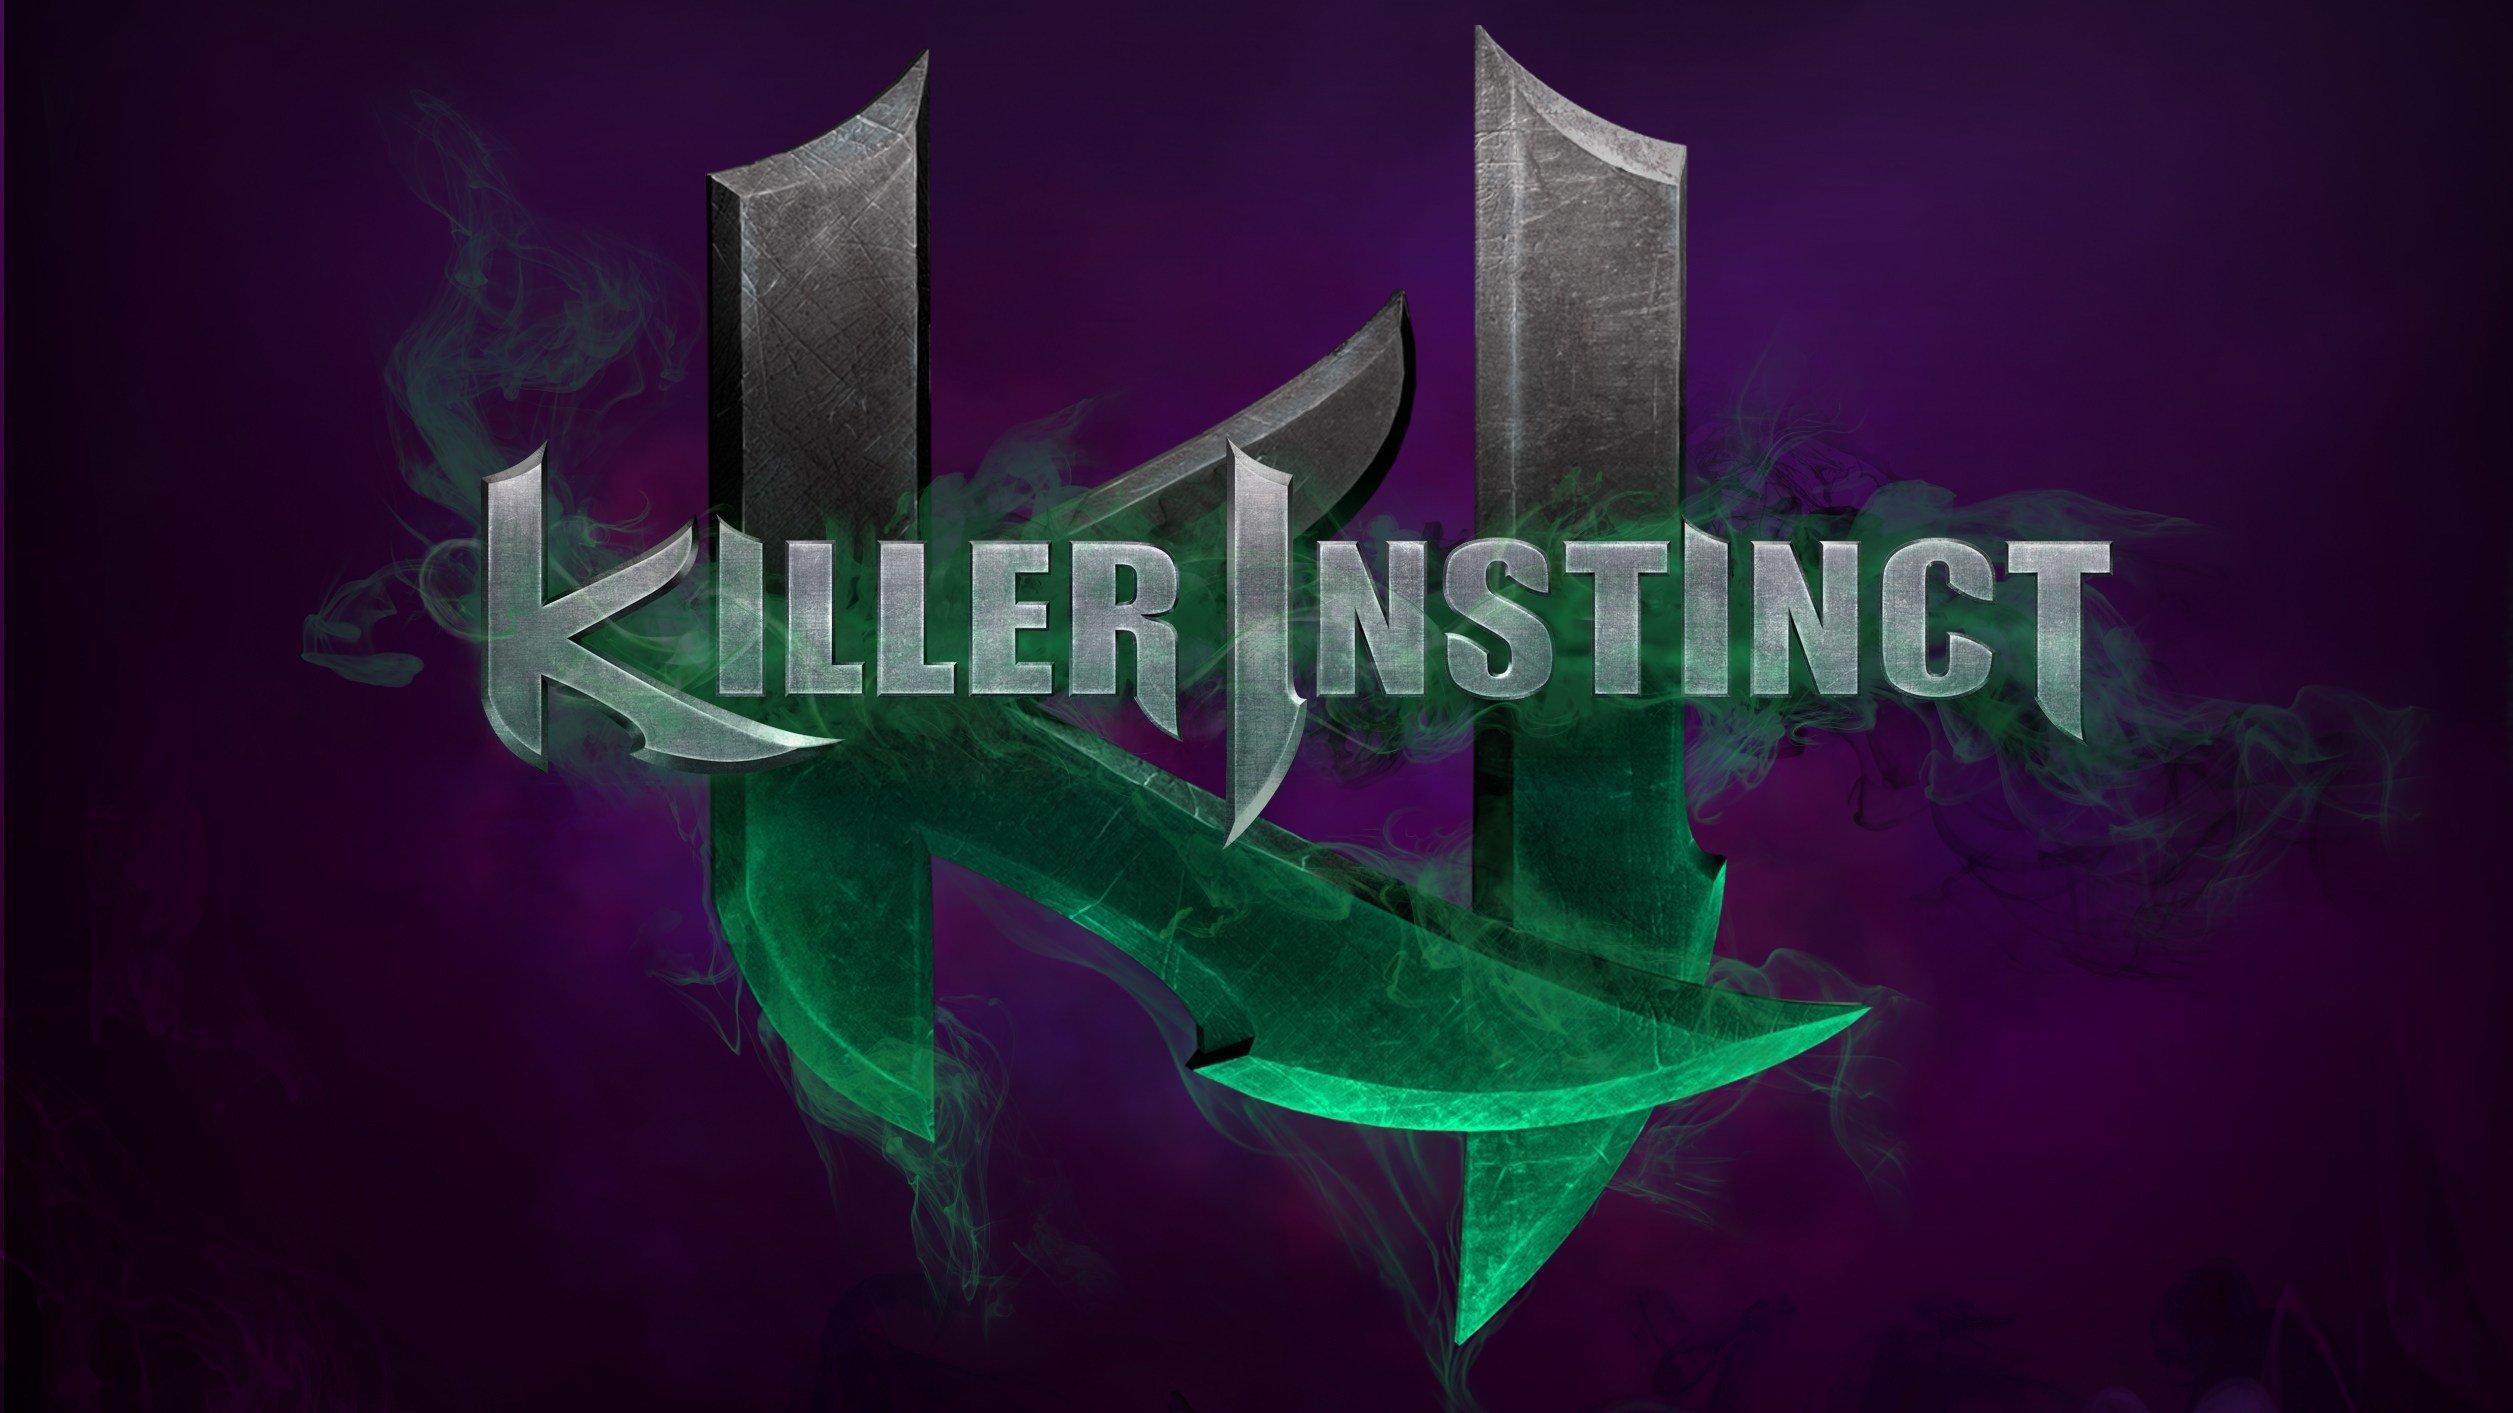 Первые впечатления от Killer Instinct [PC]. - Изображение 1